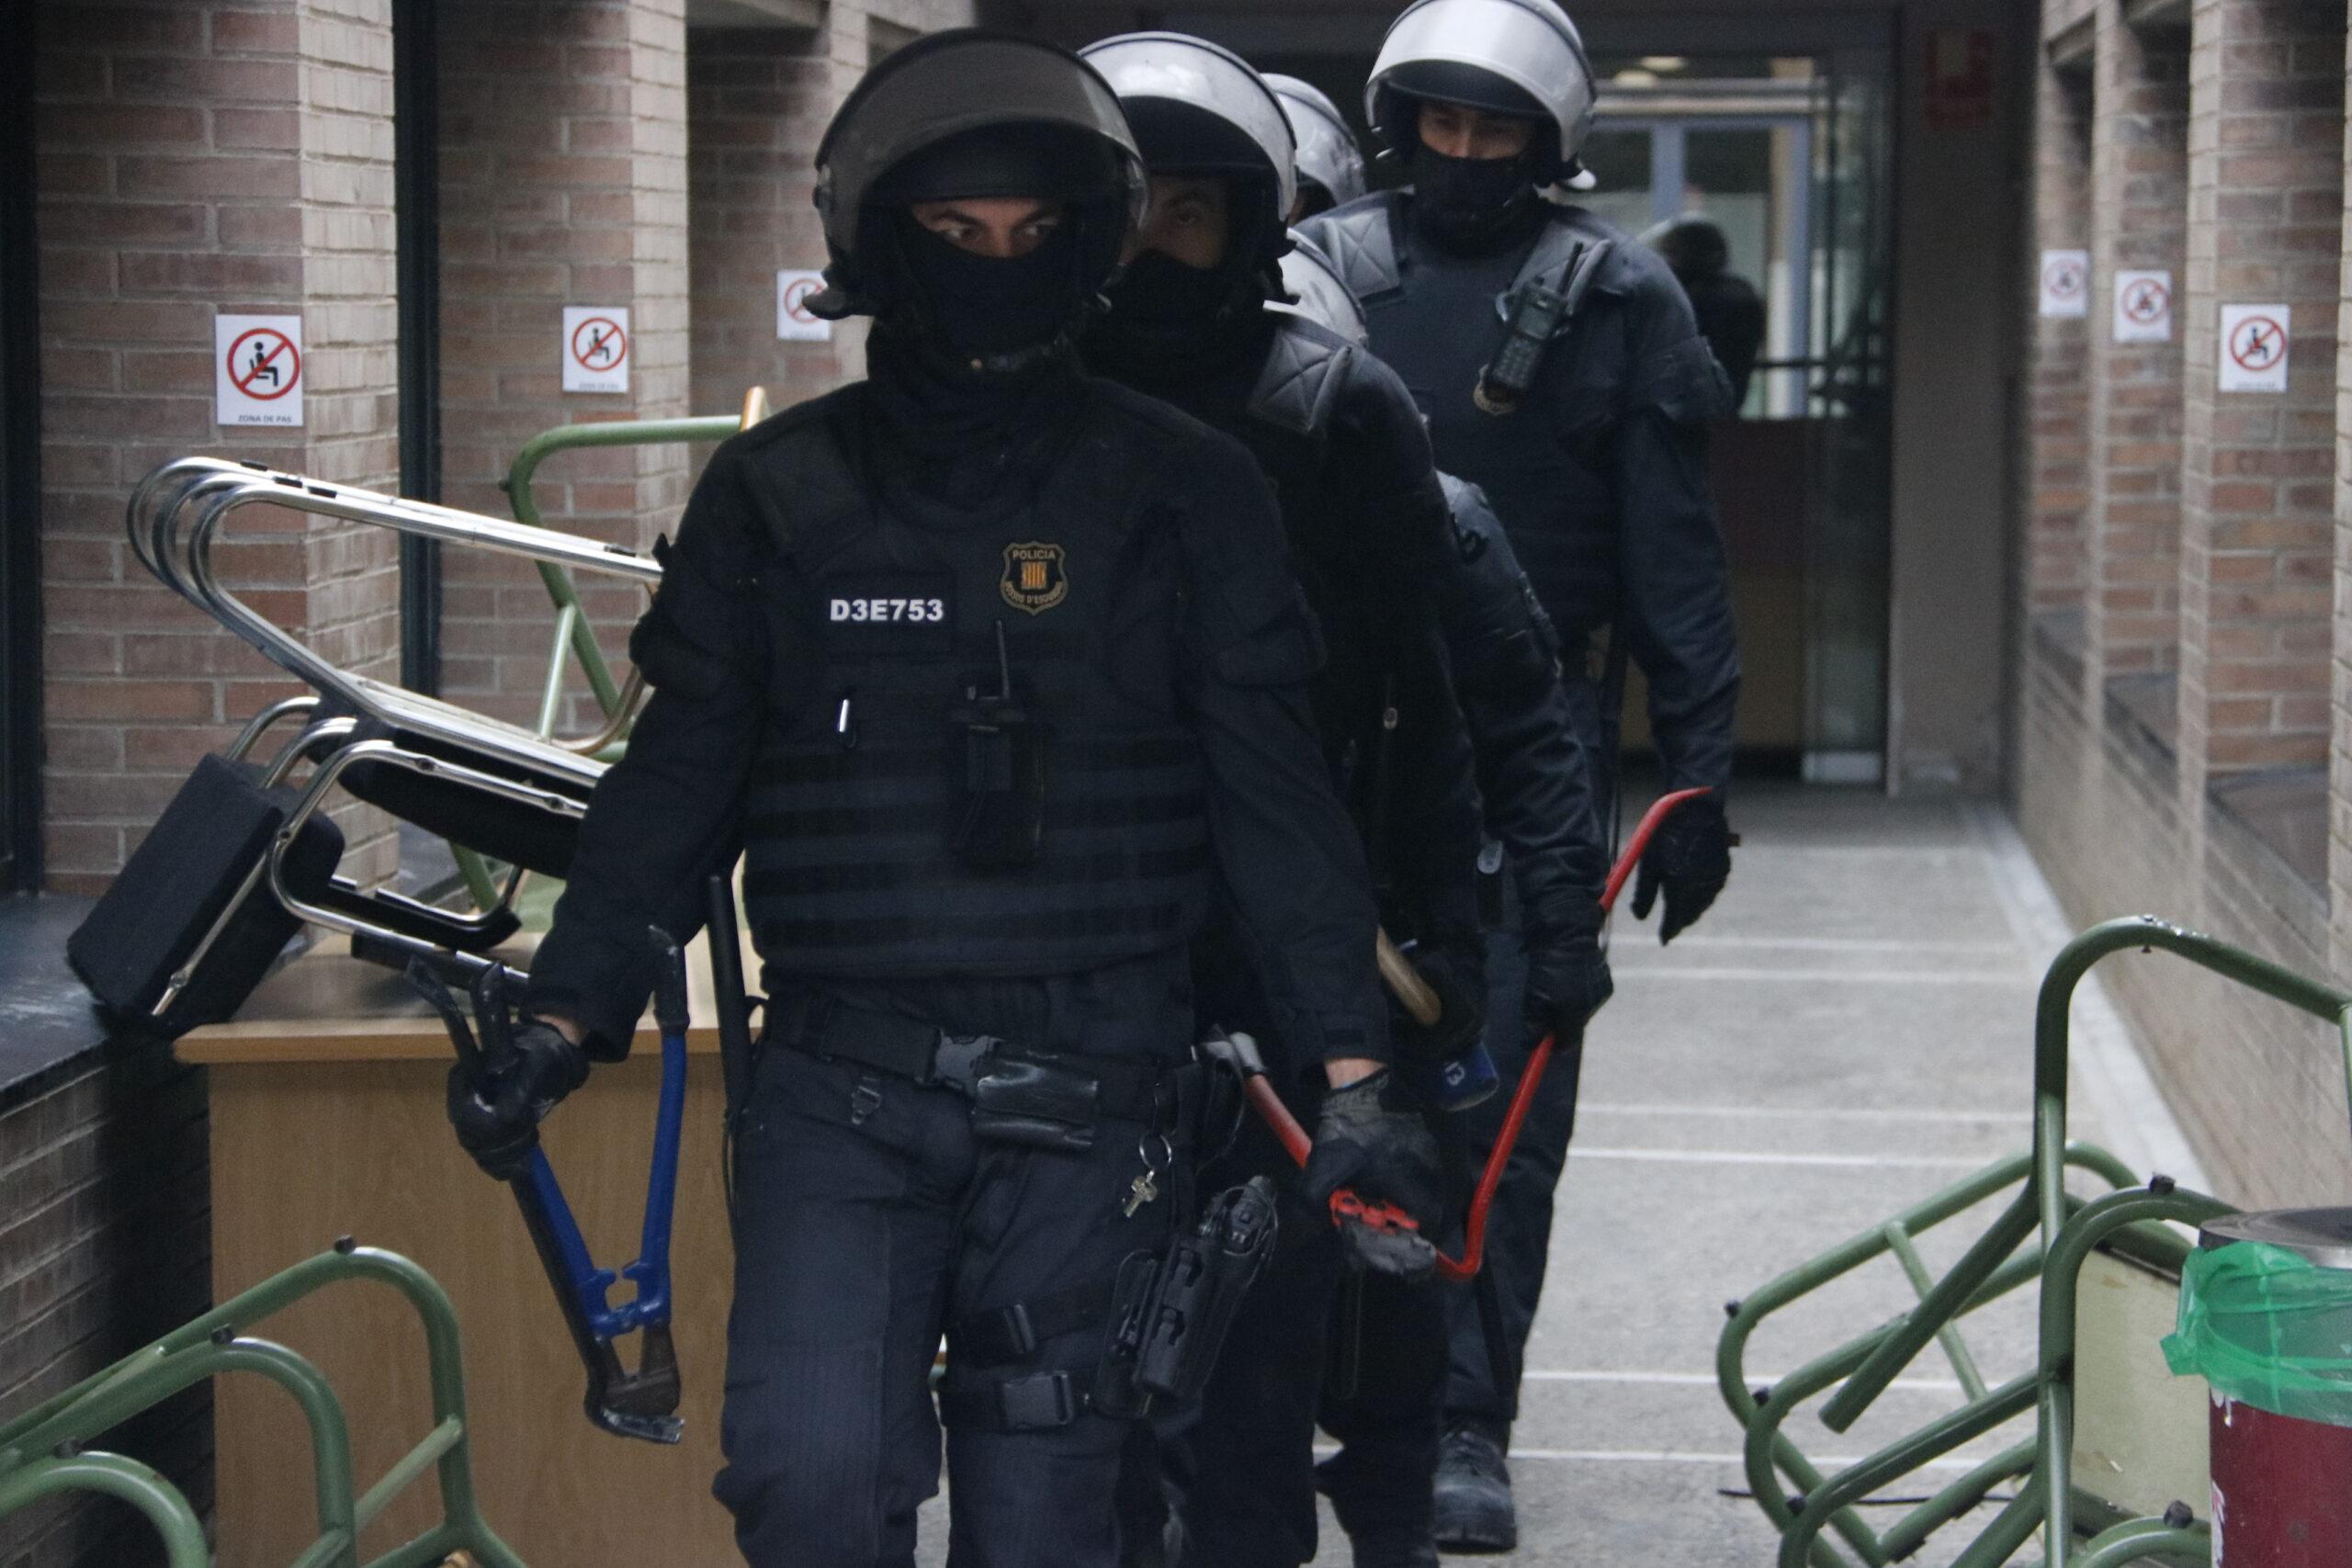 Els Mossos abandonen la UdL després de detenir Pablo Hasél | ACN